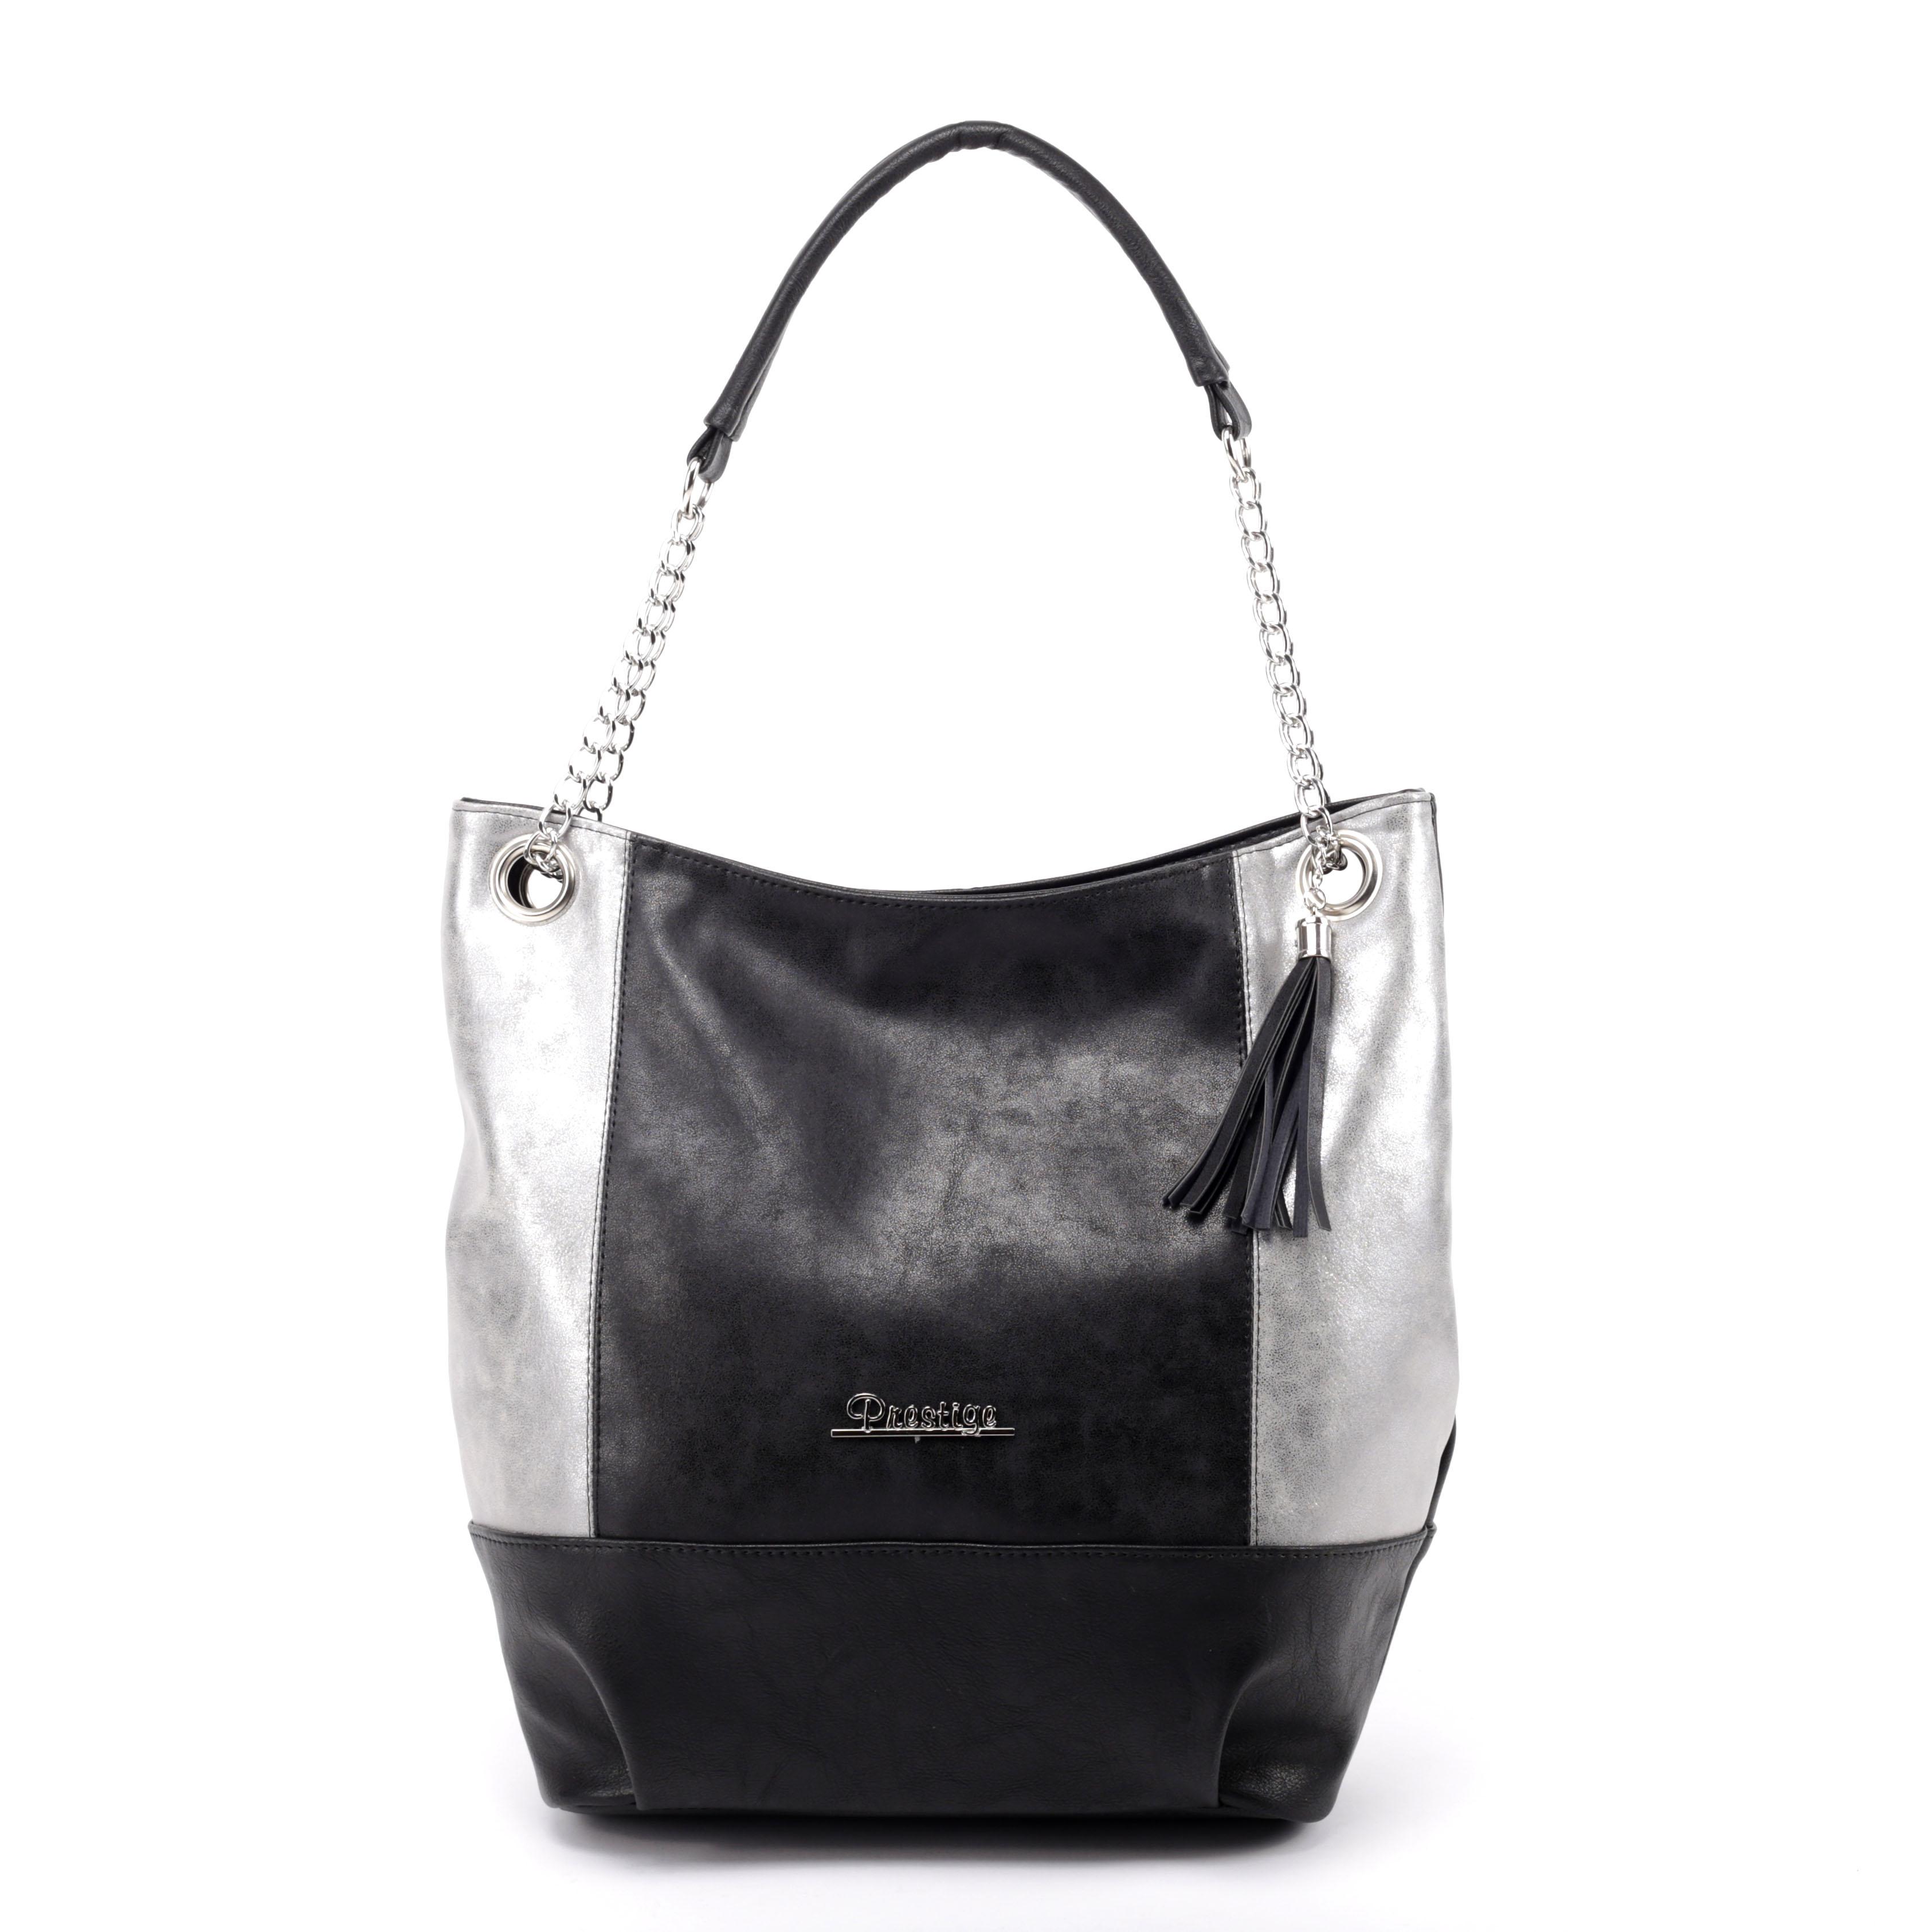 Prestige Fekete Ezüst Női Rostbőr Táska - Válltáskák - Táska webáruház -  Minőségi táskák mindenkinek e7da403be0